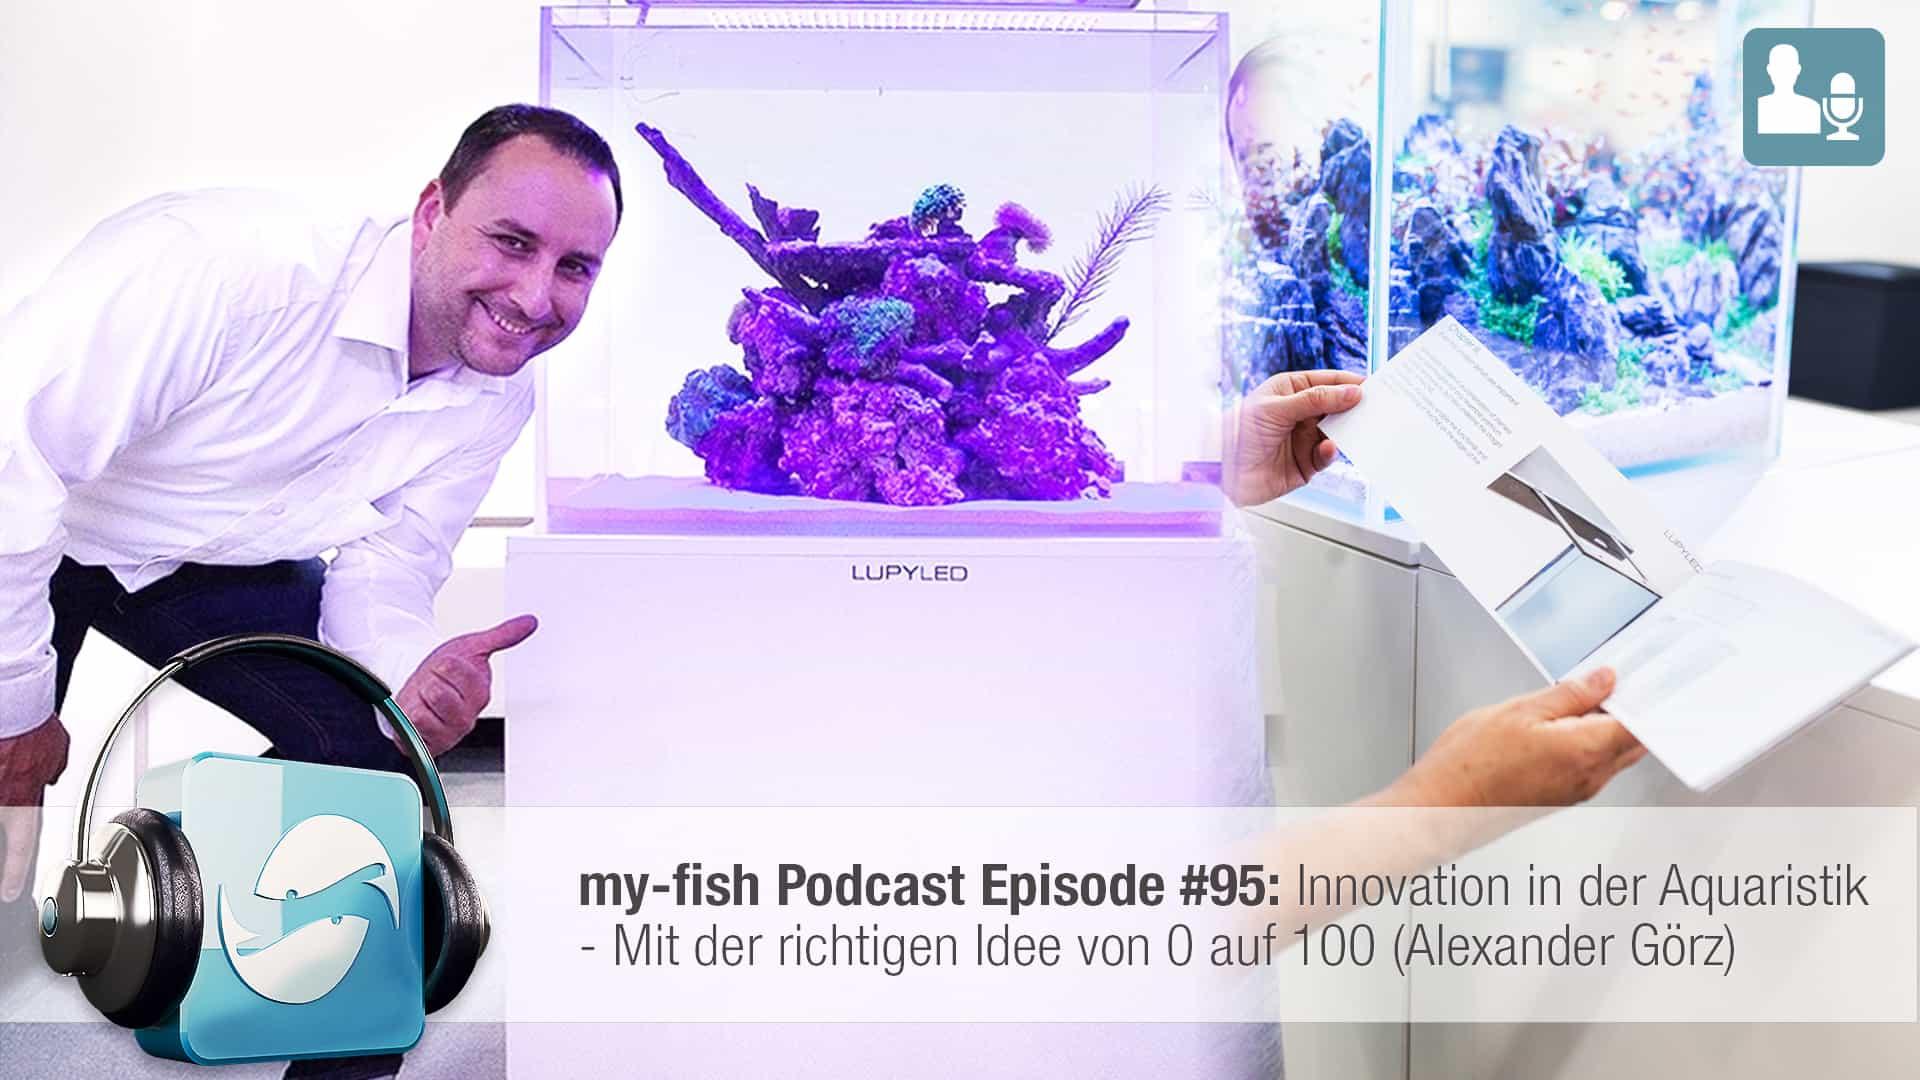 Podcast Episode #95: Innovation in der Aquaristik - Mit der richtigen Idee von 0 auf 100 (Alexander Görz) 1